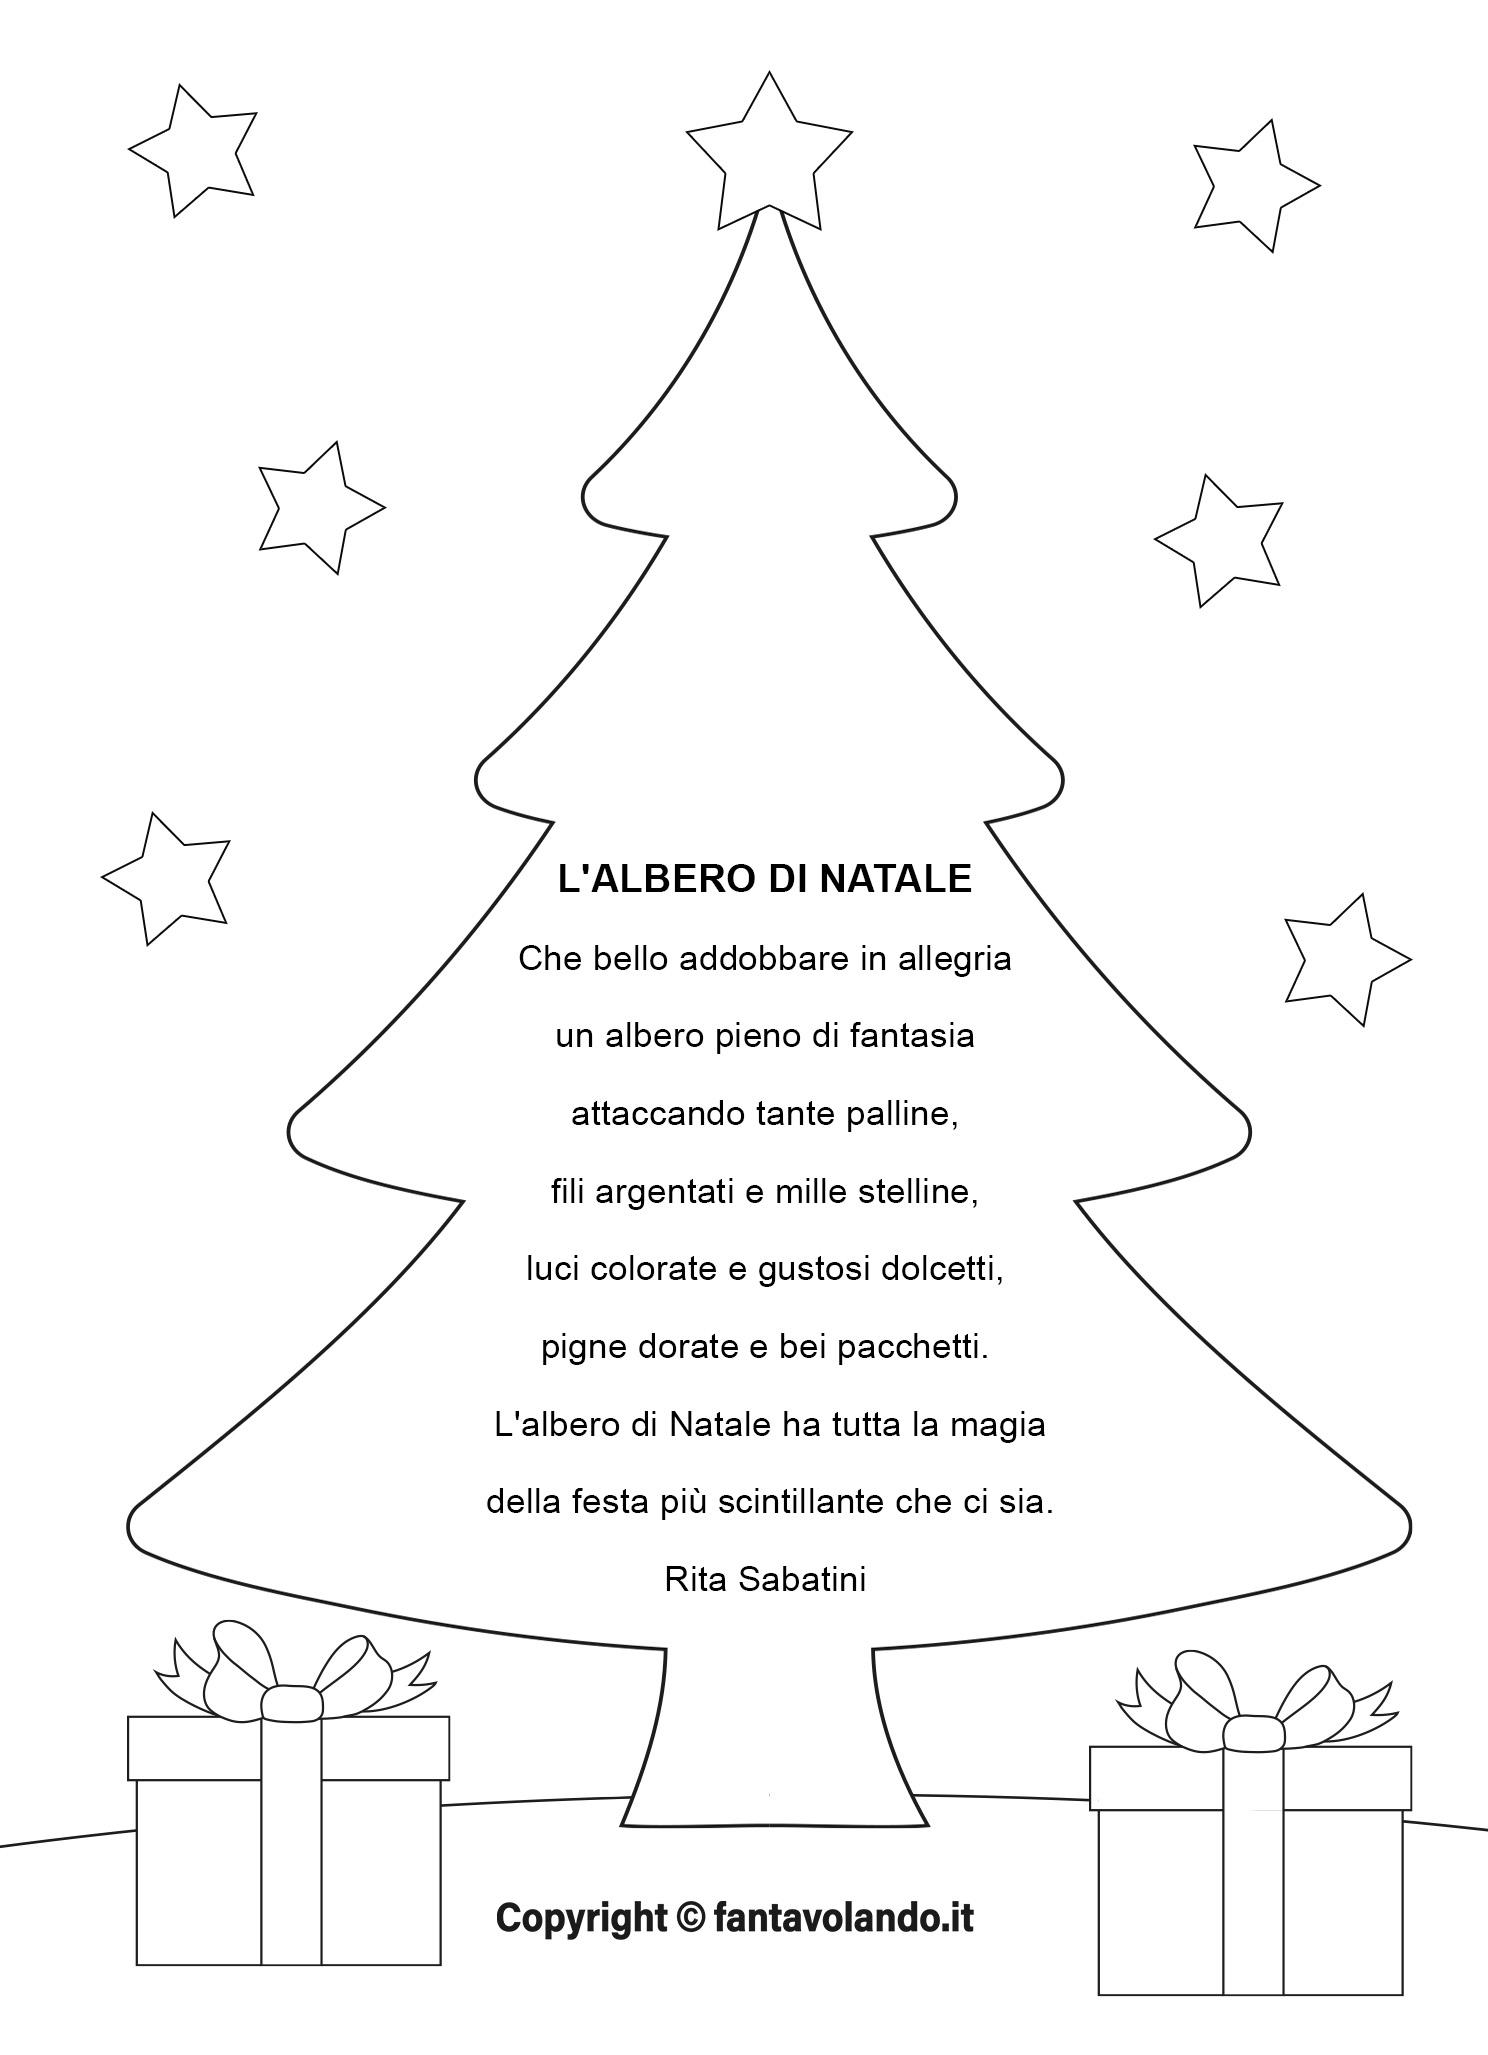 La capacità di memorizzare una poesia. Poesie Per Natale L Albero Di Natale Video Fantavolando